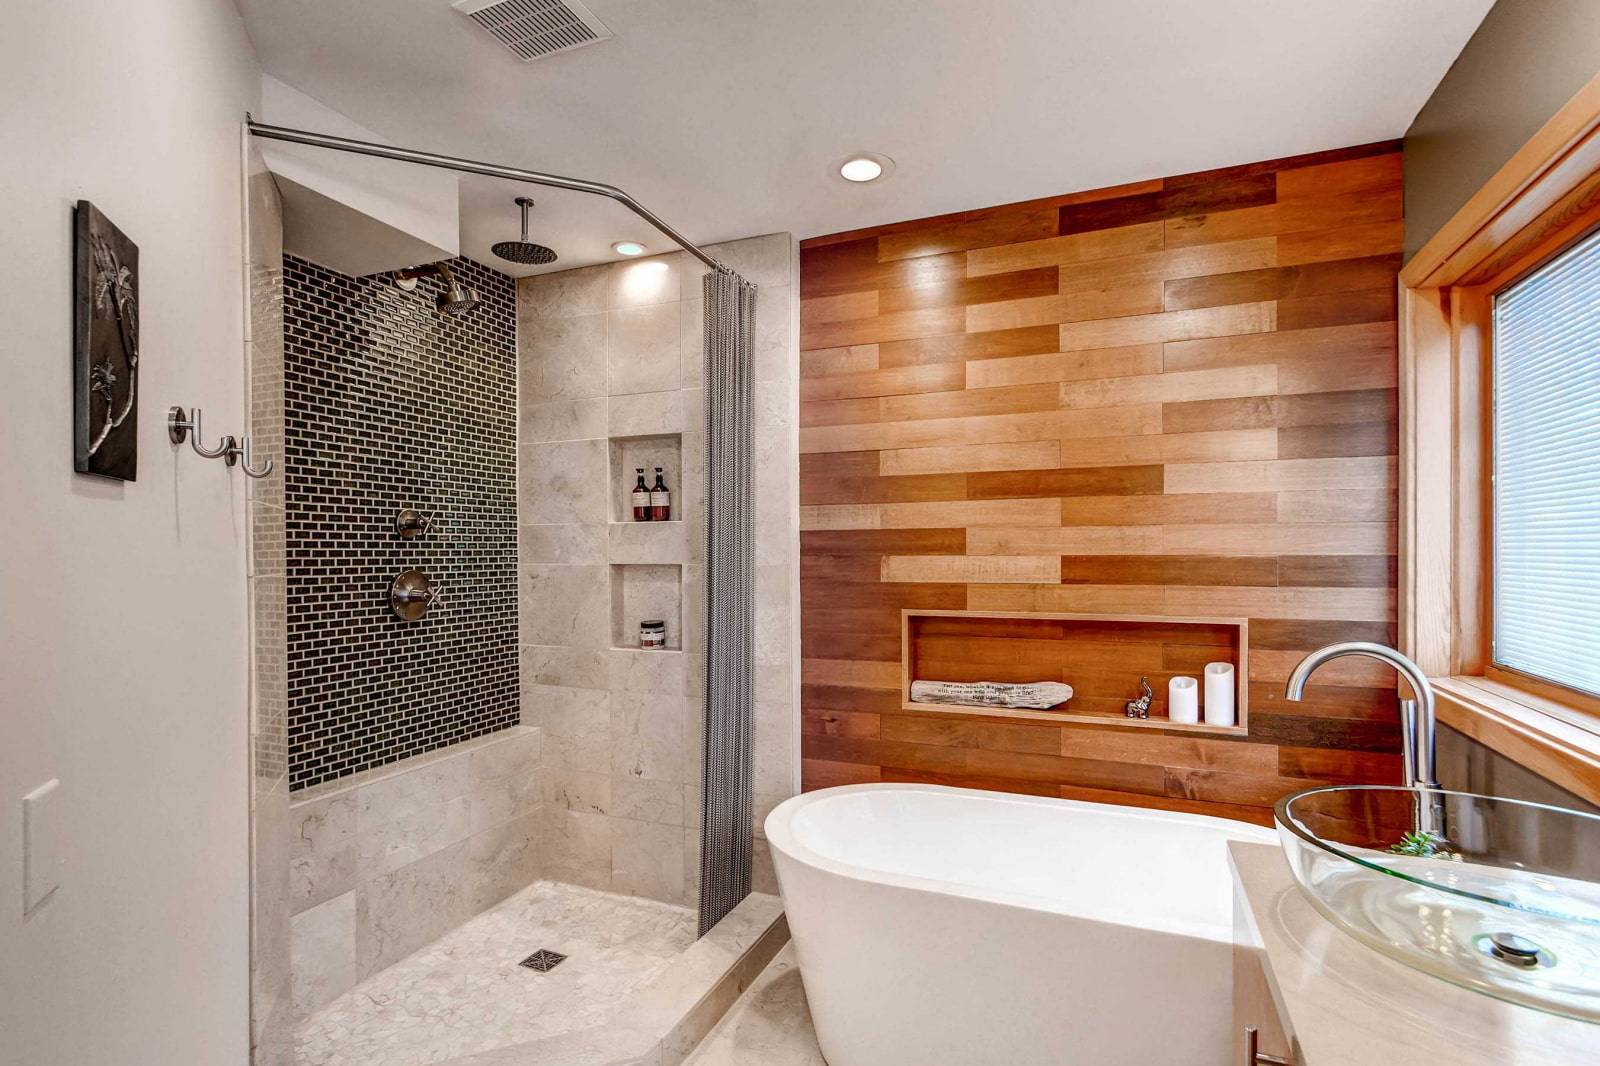 Отделка ванной комнаты (114 фото): подбор отделочных материалов, варианты плитки для стен